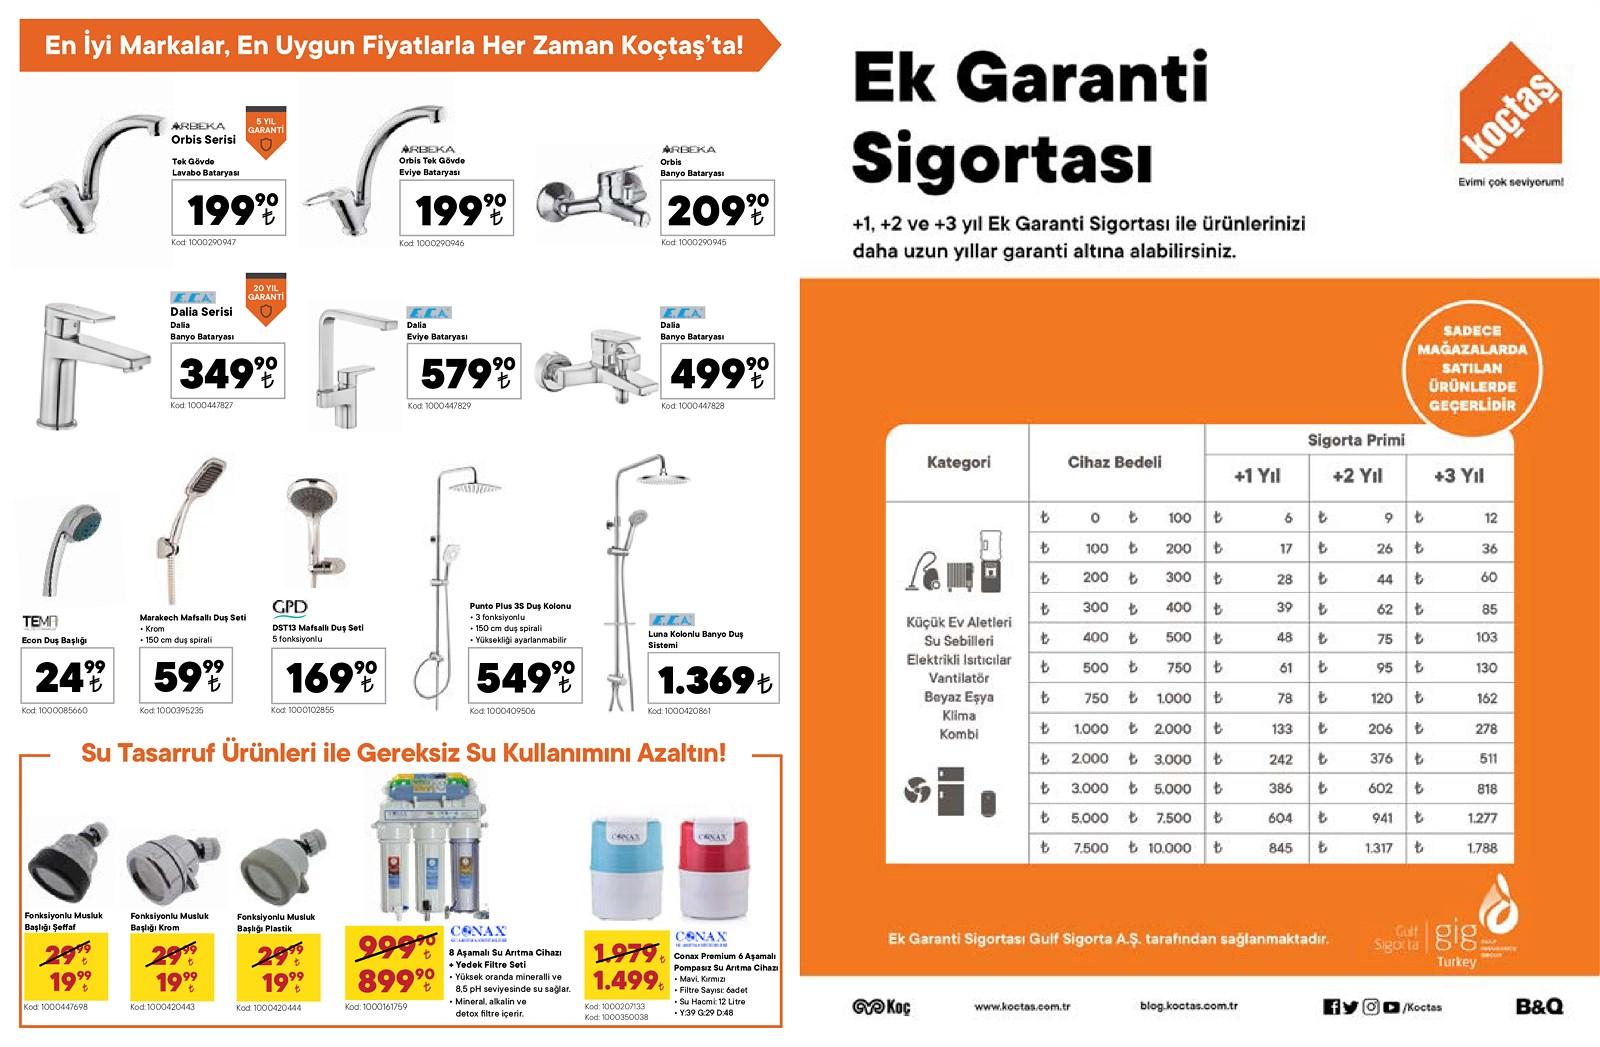 17.05.2021 Koçtaş broşürü 12. sayfa